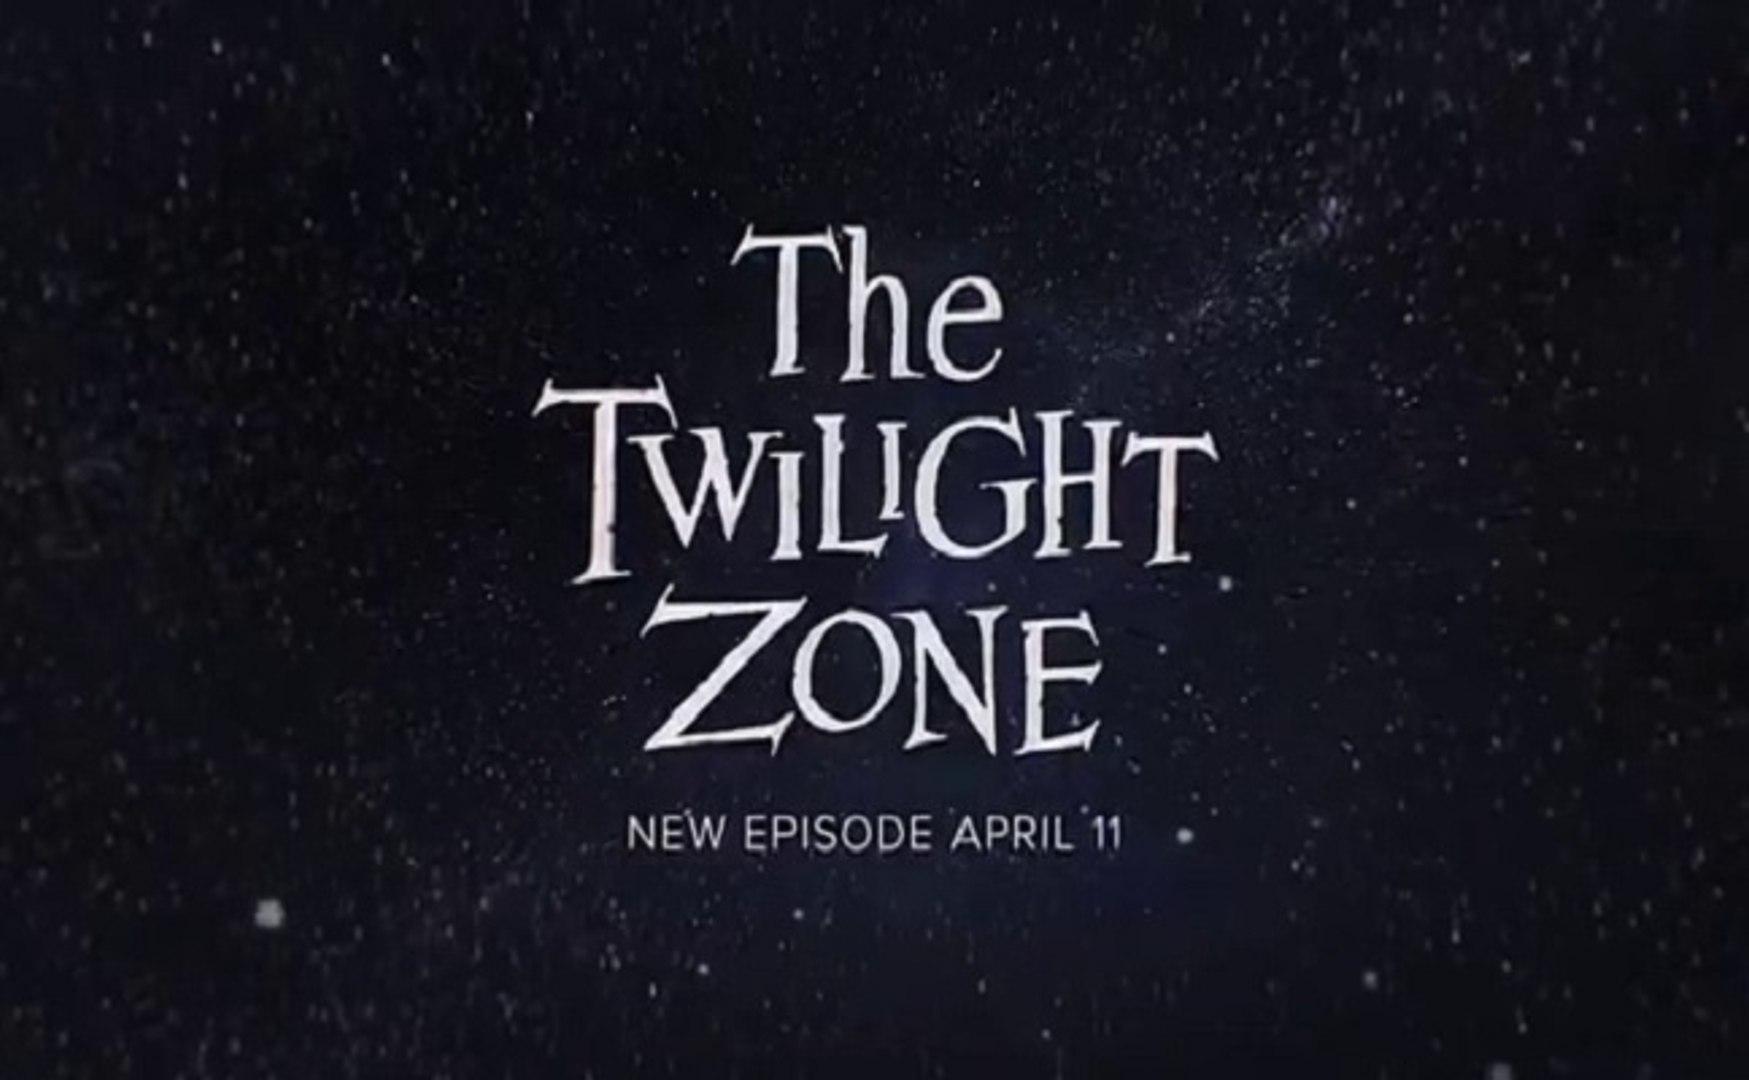 The Twilight Zone - Promo 1x05